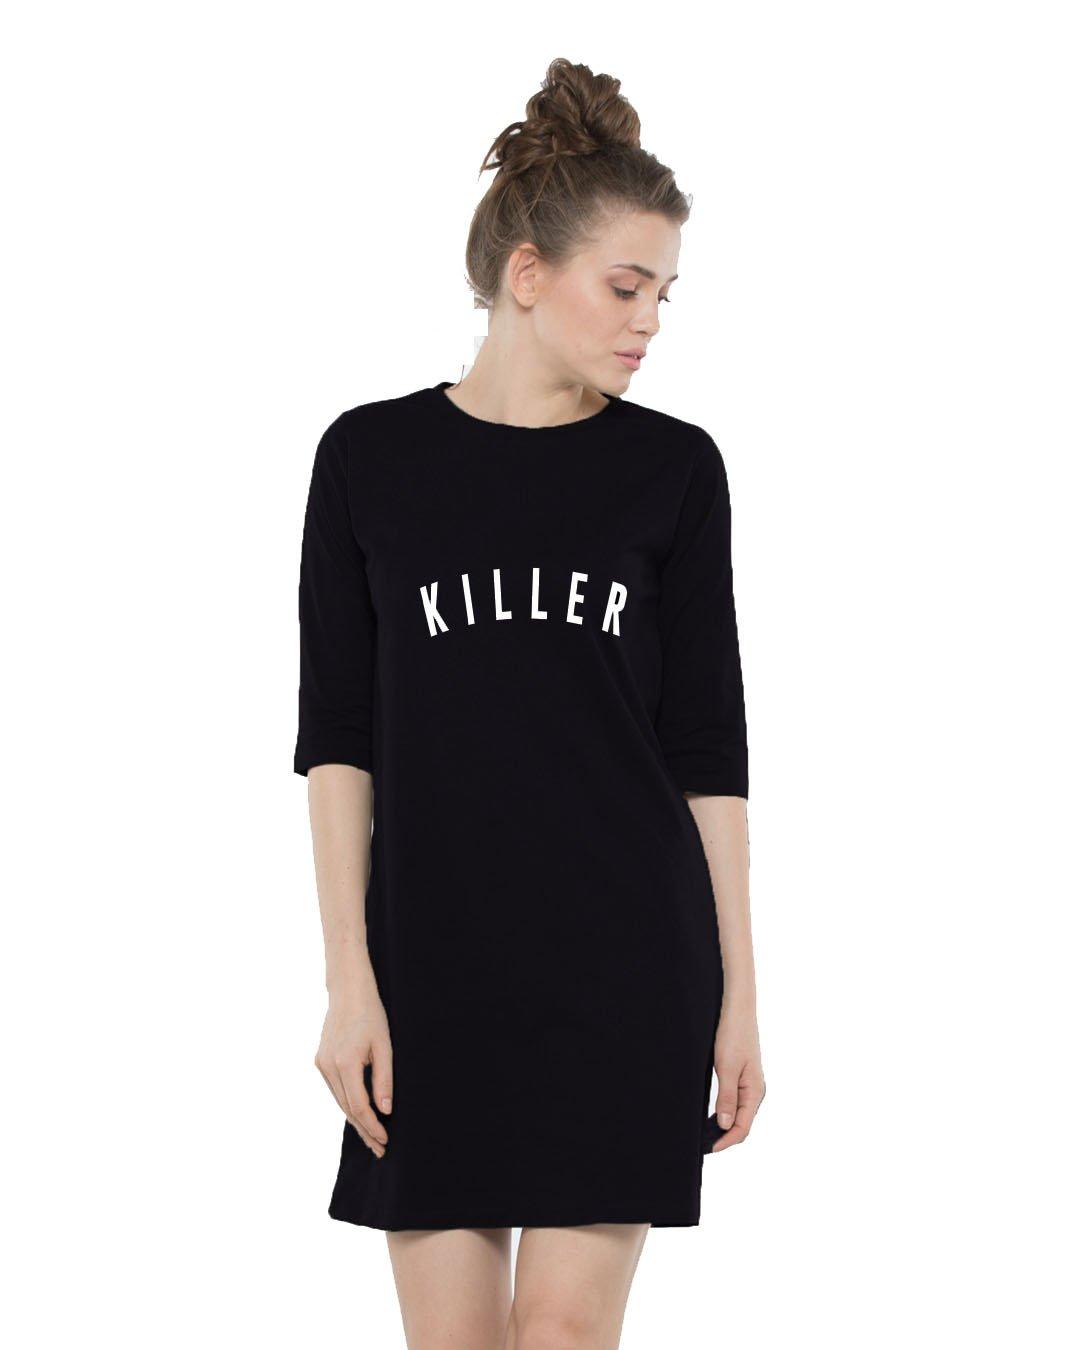 Killer T-Shirt Dress